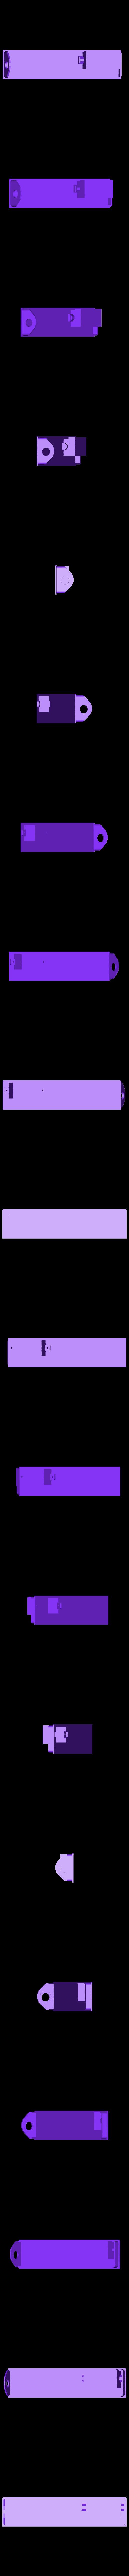 Bottom.stl Télécharger fichier STL gratuit Enseigne de nom - Décorez la lampe LED - Superbe idée de cadeau • Objet à imprimer en 3D, LetsPrintYT